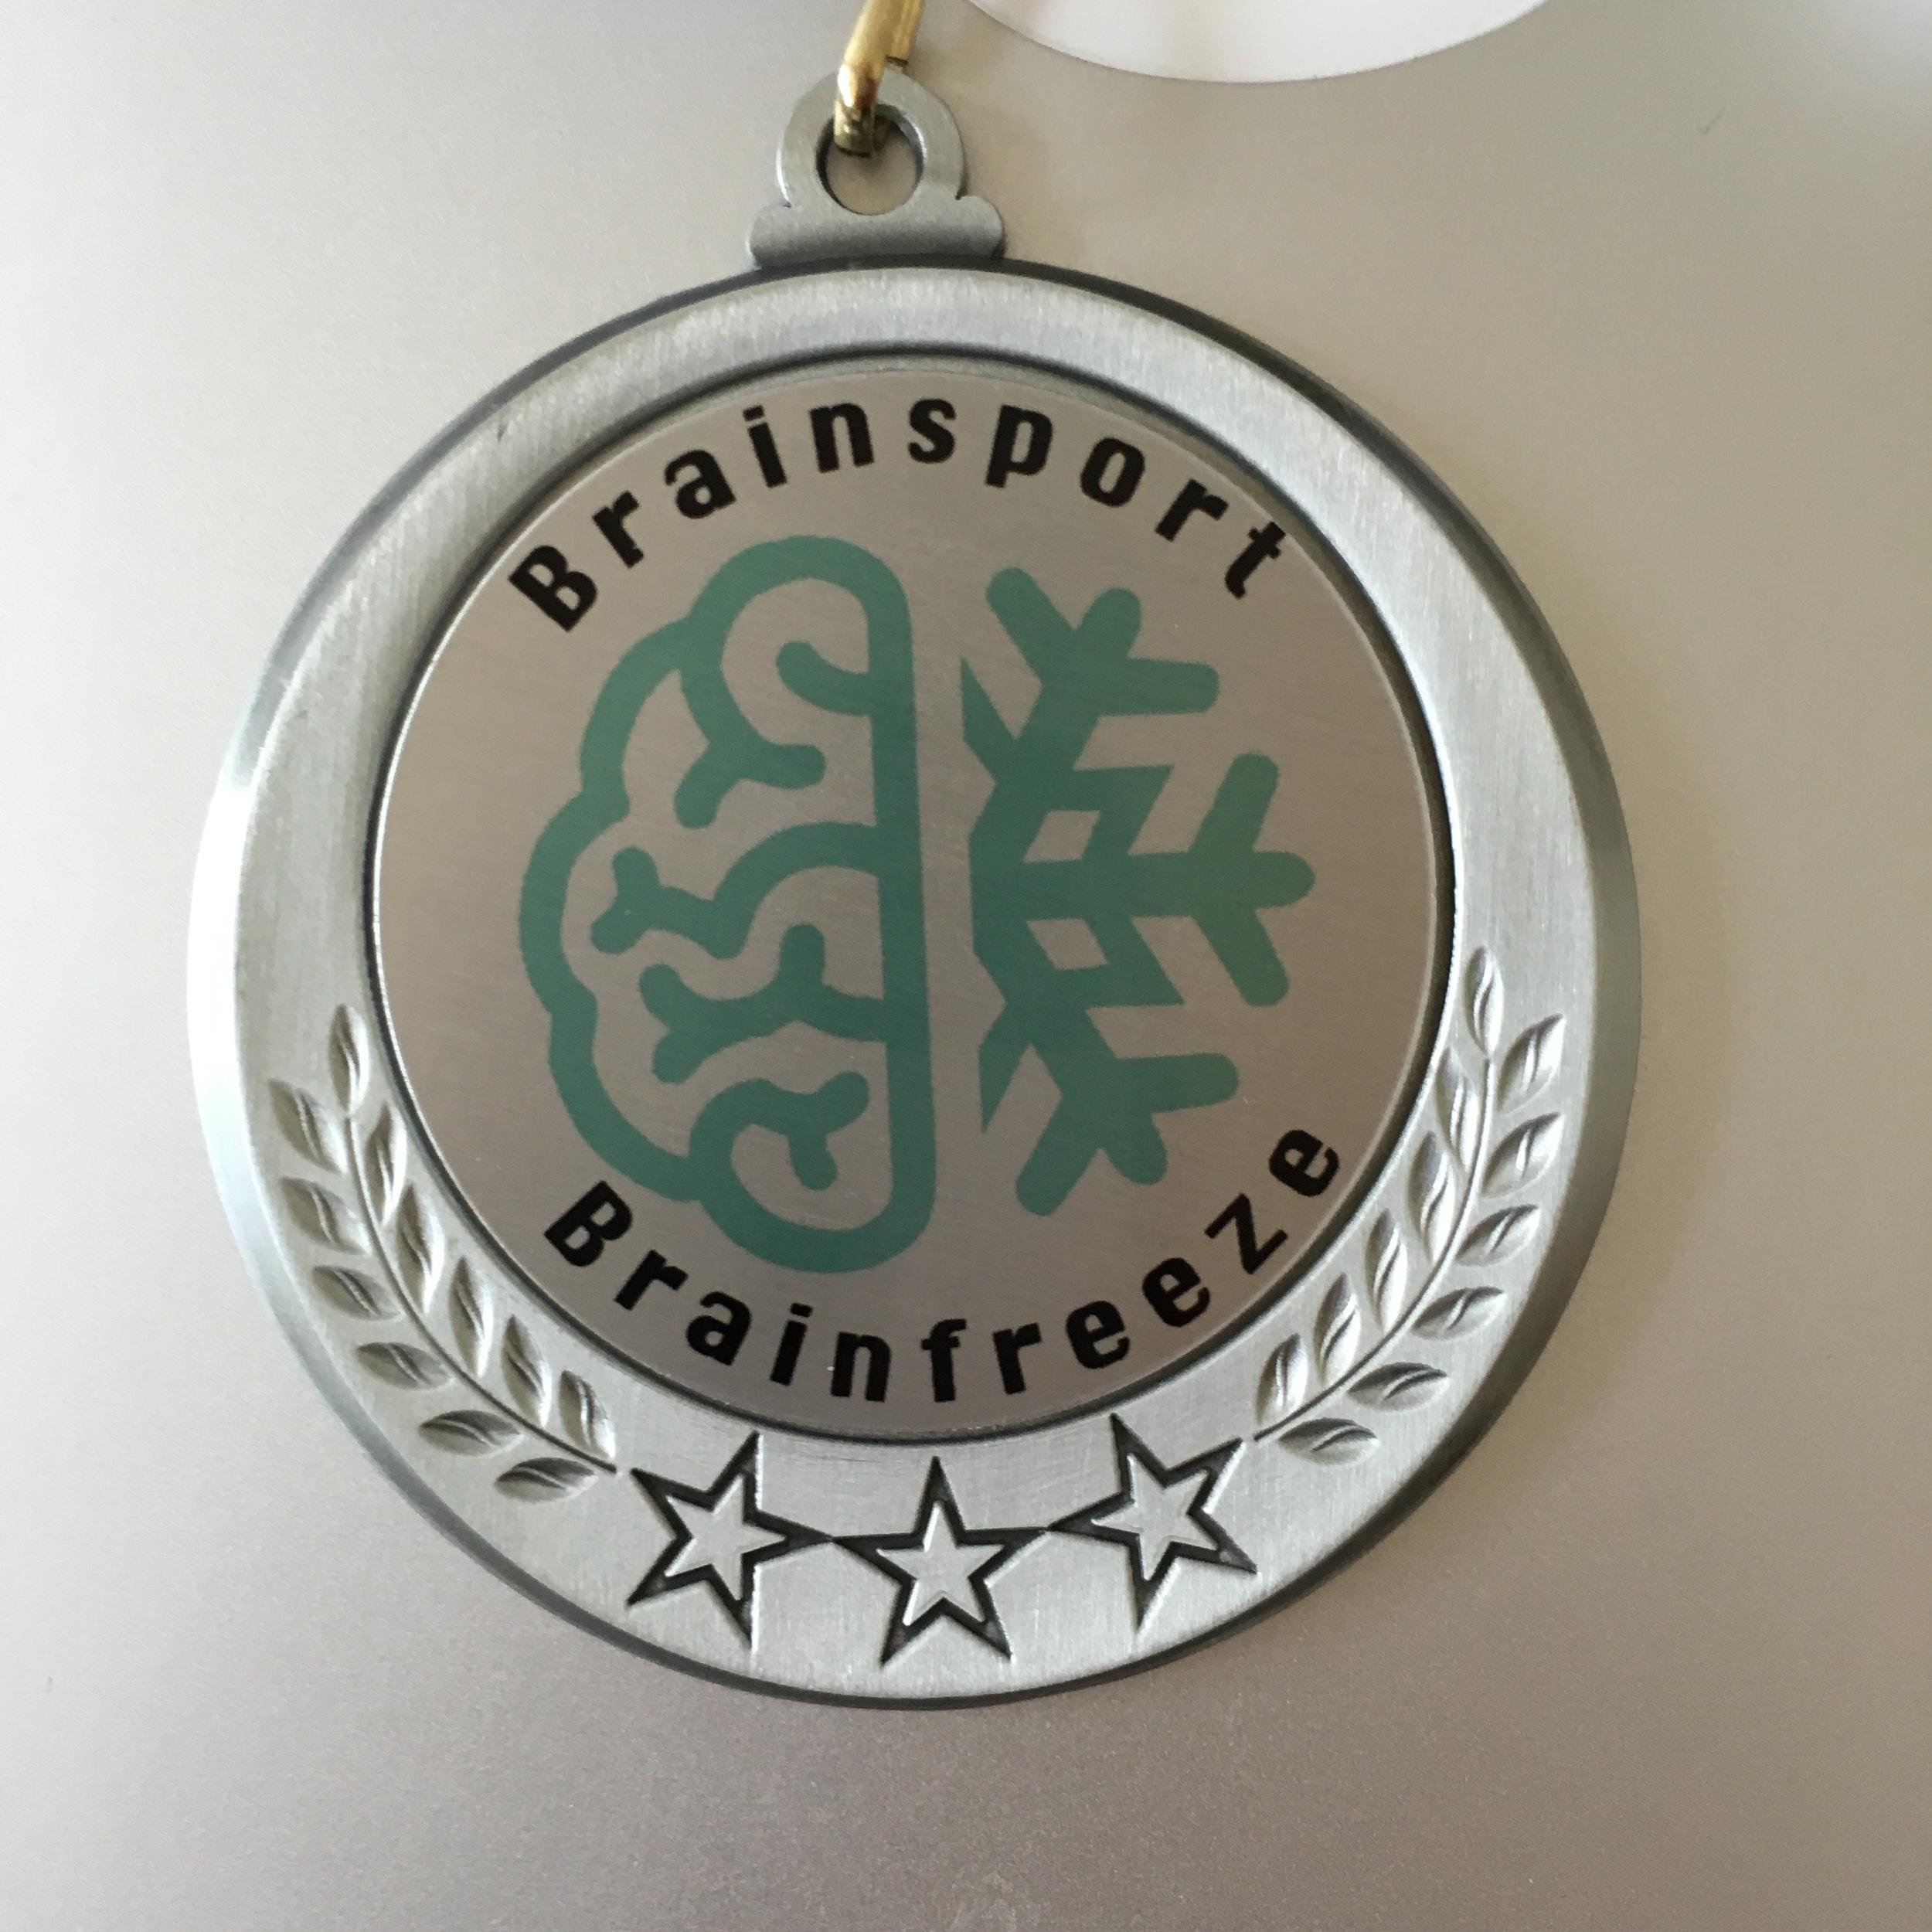 Brainsport Brainfreeze Half Marathon